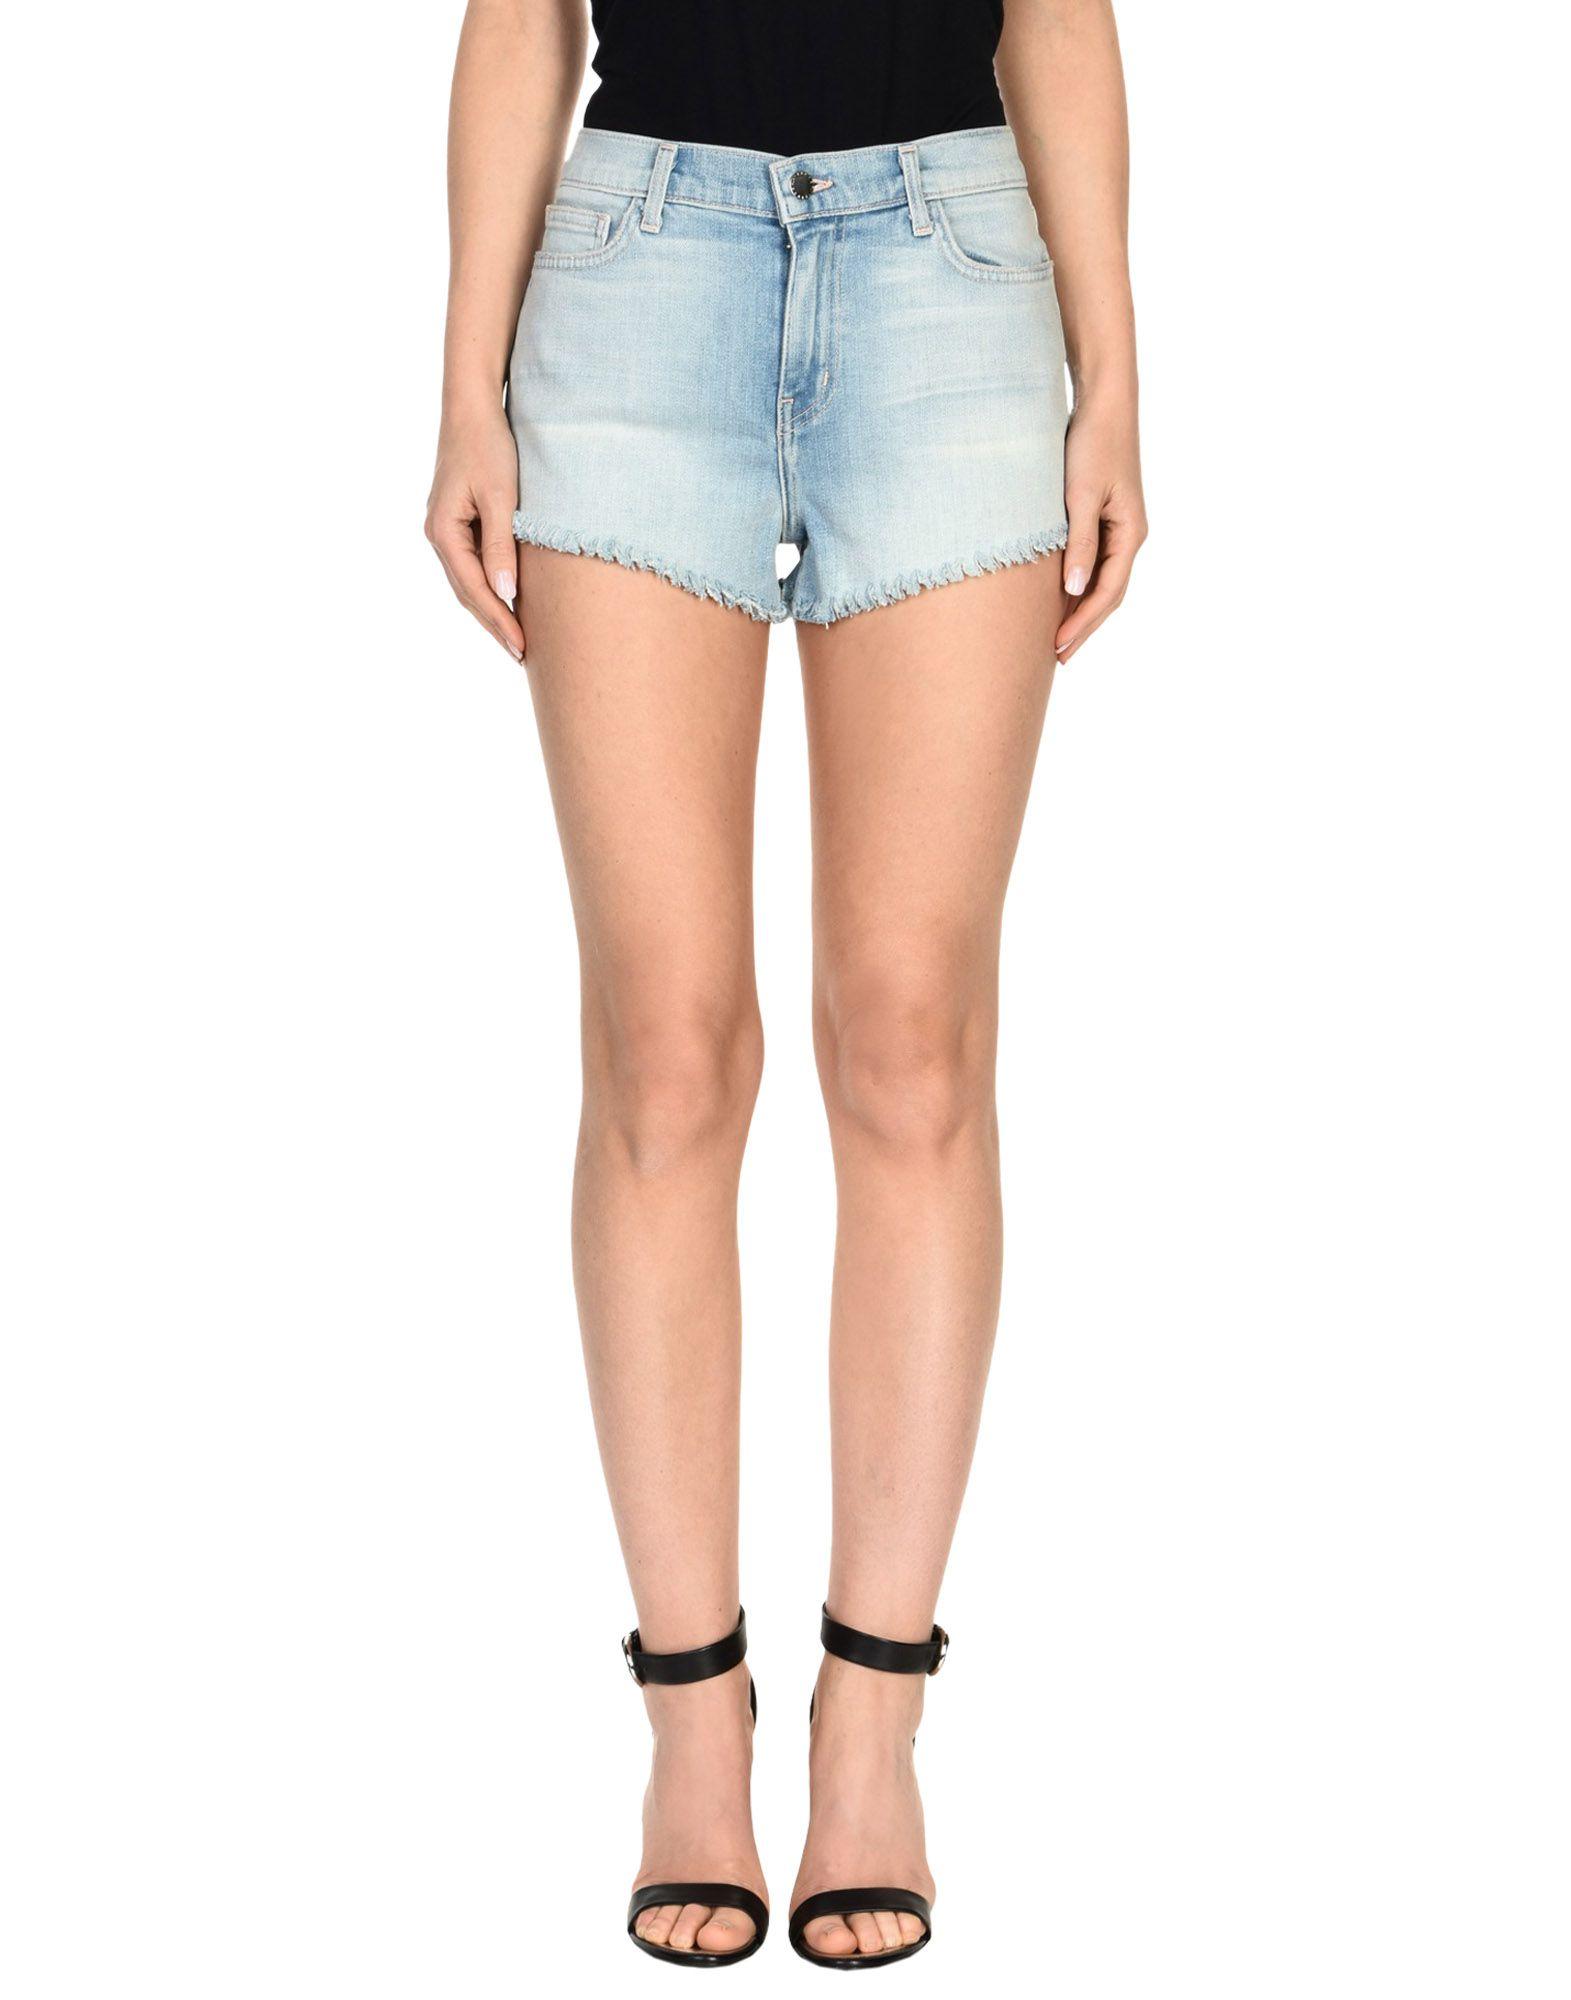 L'AGENCE Джинсовые шорты superfine джинсовые шорты